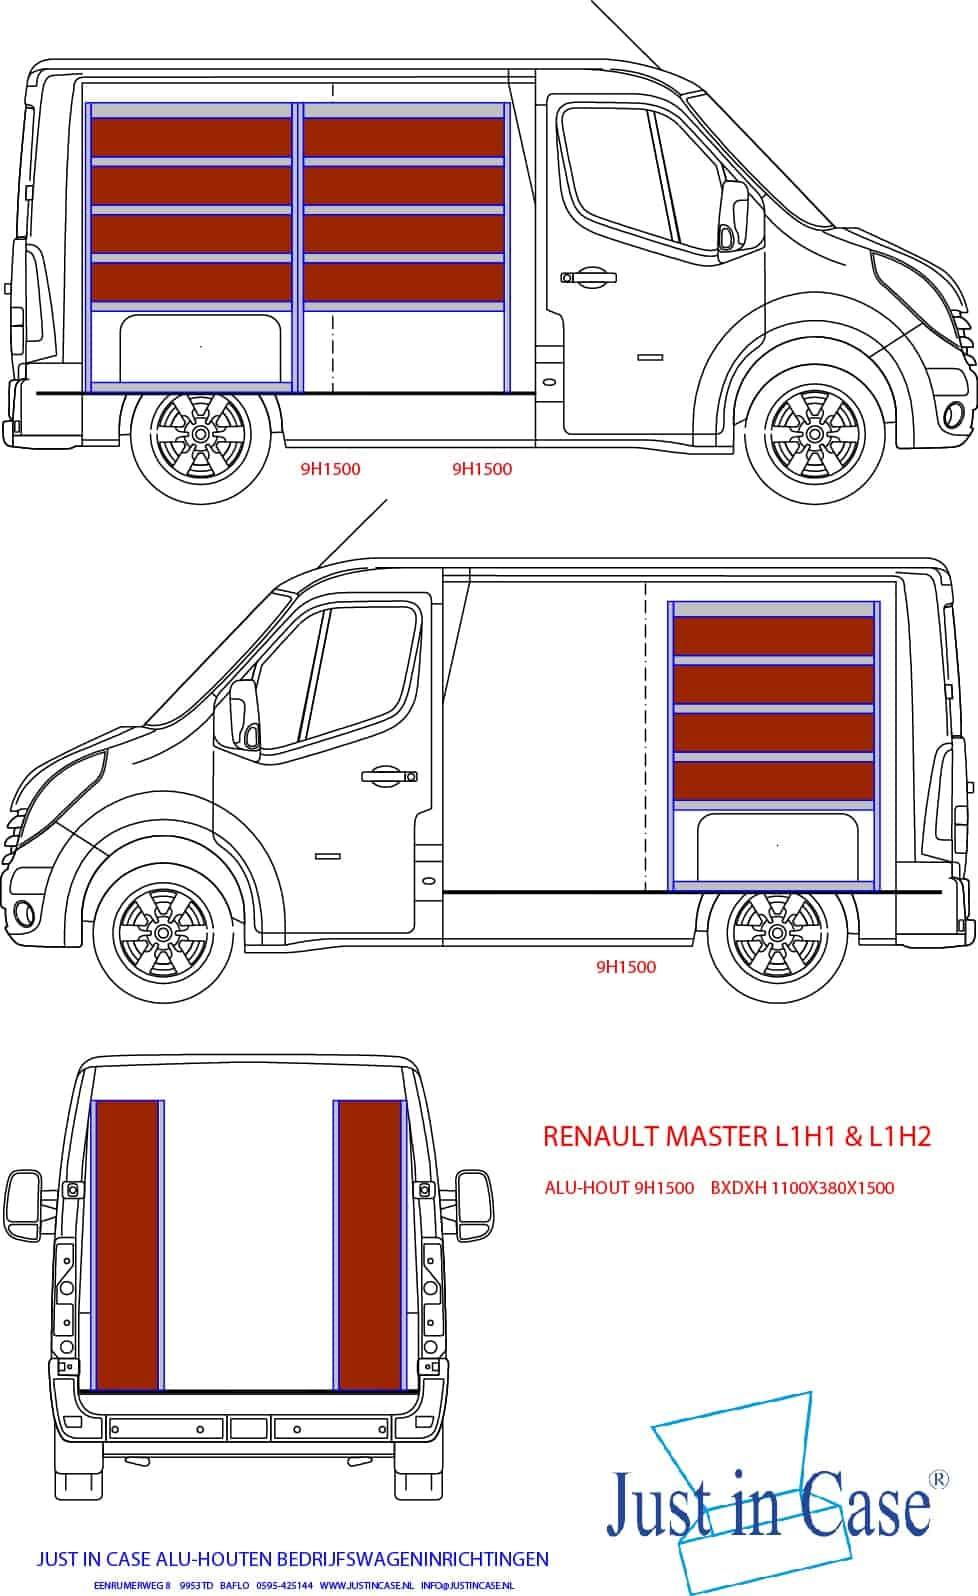 Renault Master (L1) schets bedrijfswageninrichting